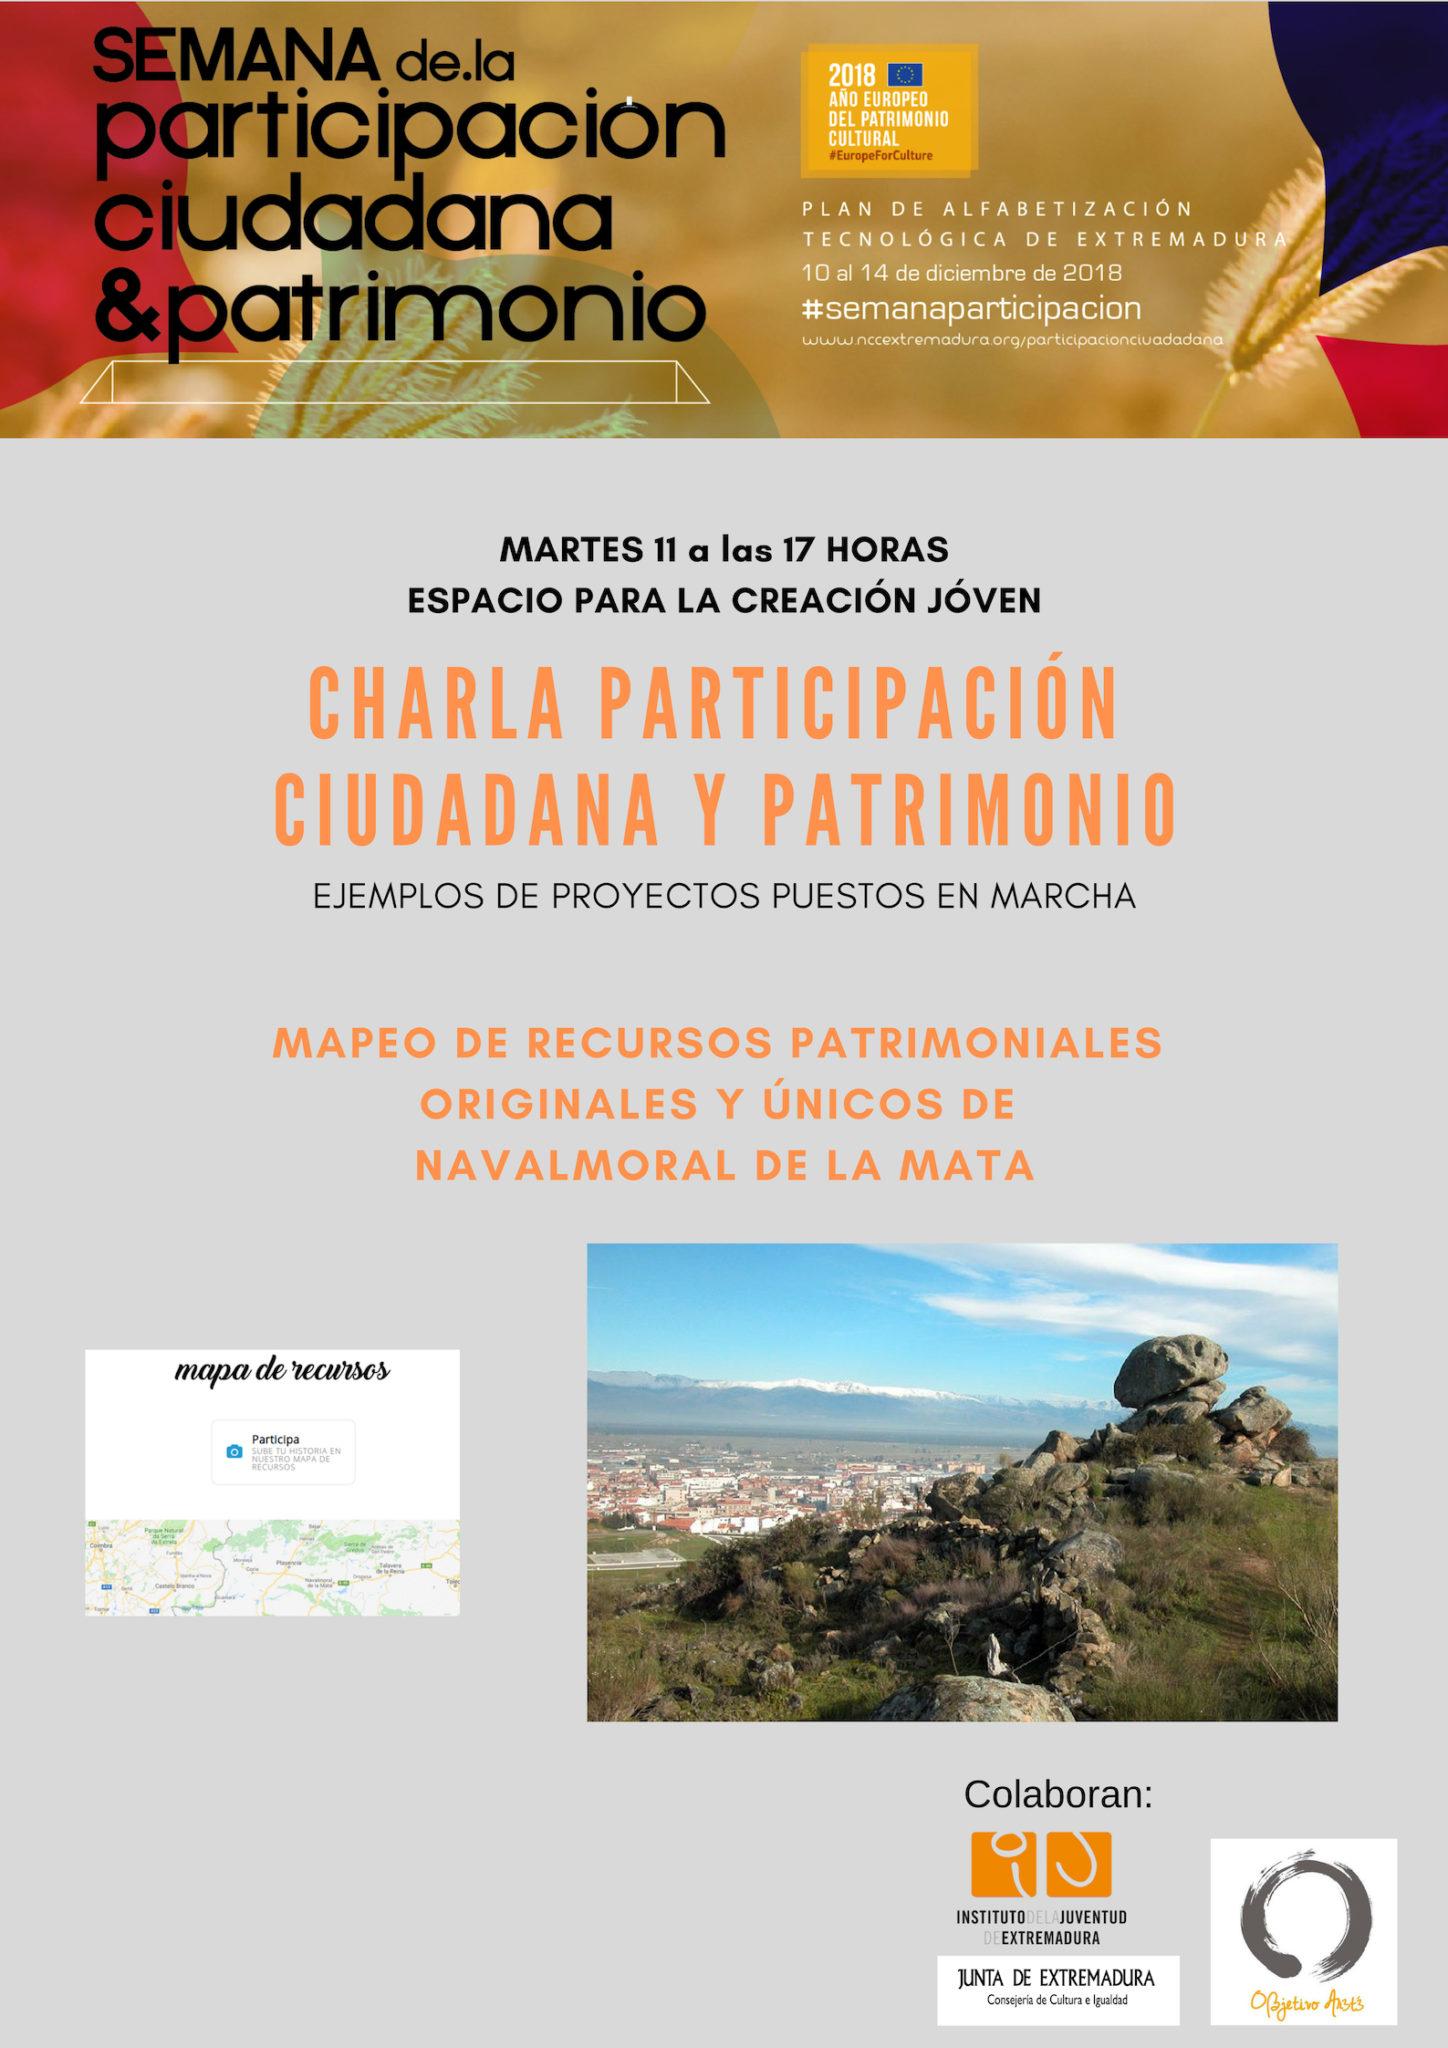 Participación Ciudadana y Patrimonio, Ejemplos de Proyectos Puestos en Marcha.